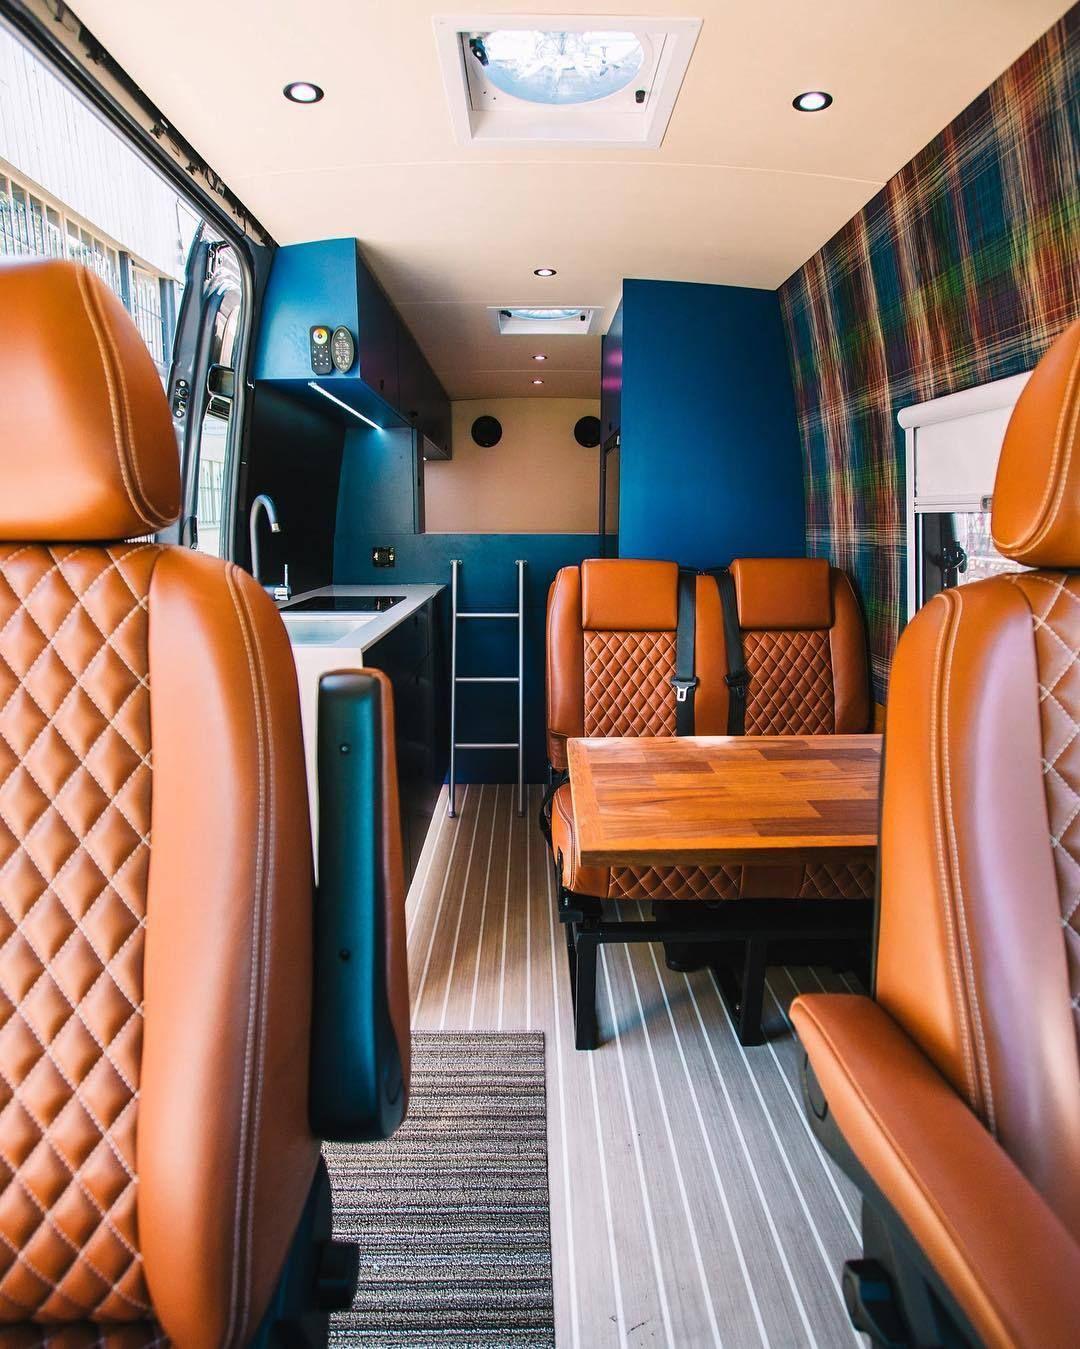 Diy Sprinter Van Conversion Ideas In 2020 Van Conversion Interior Sprinter Van Conversion Sprinter Van